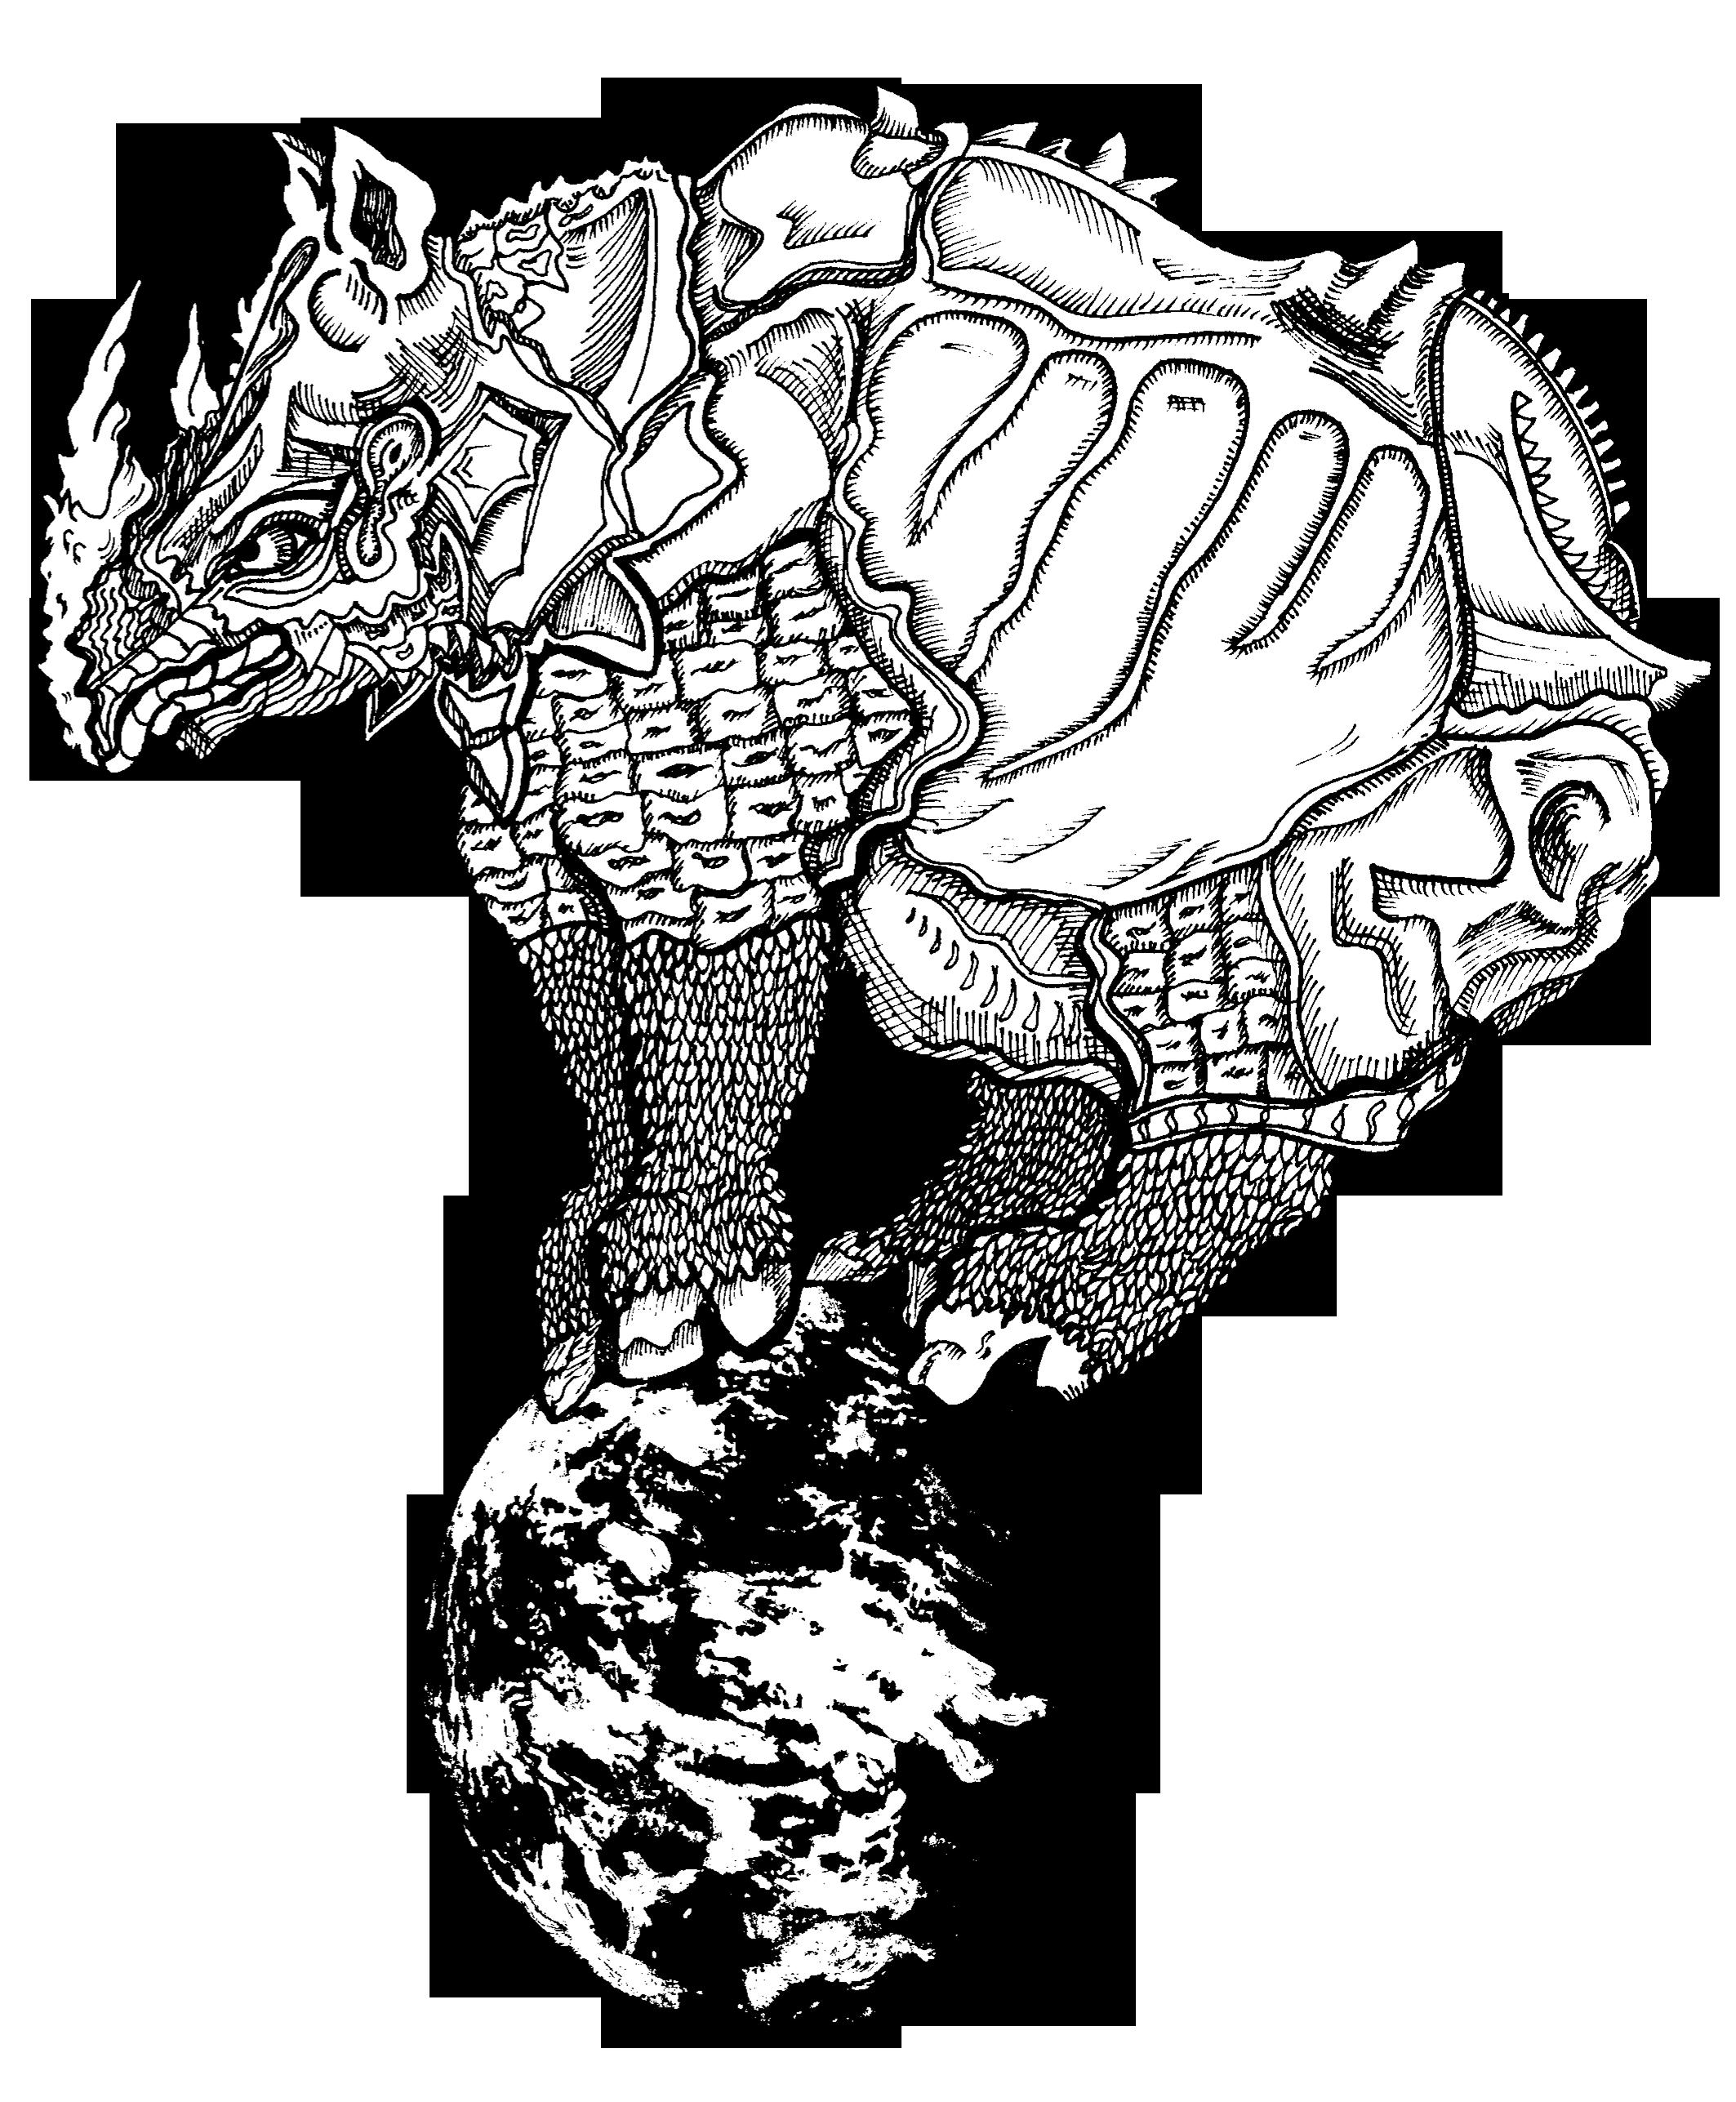 Rhino logo by C.hill